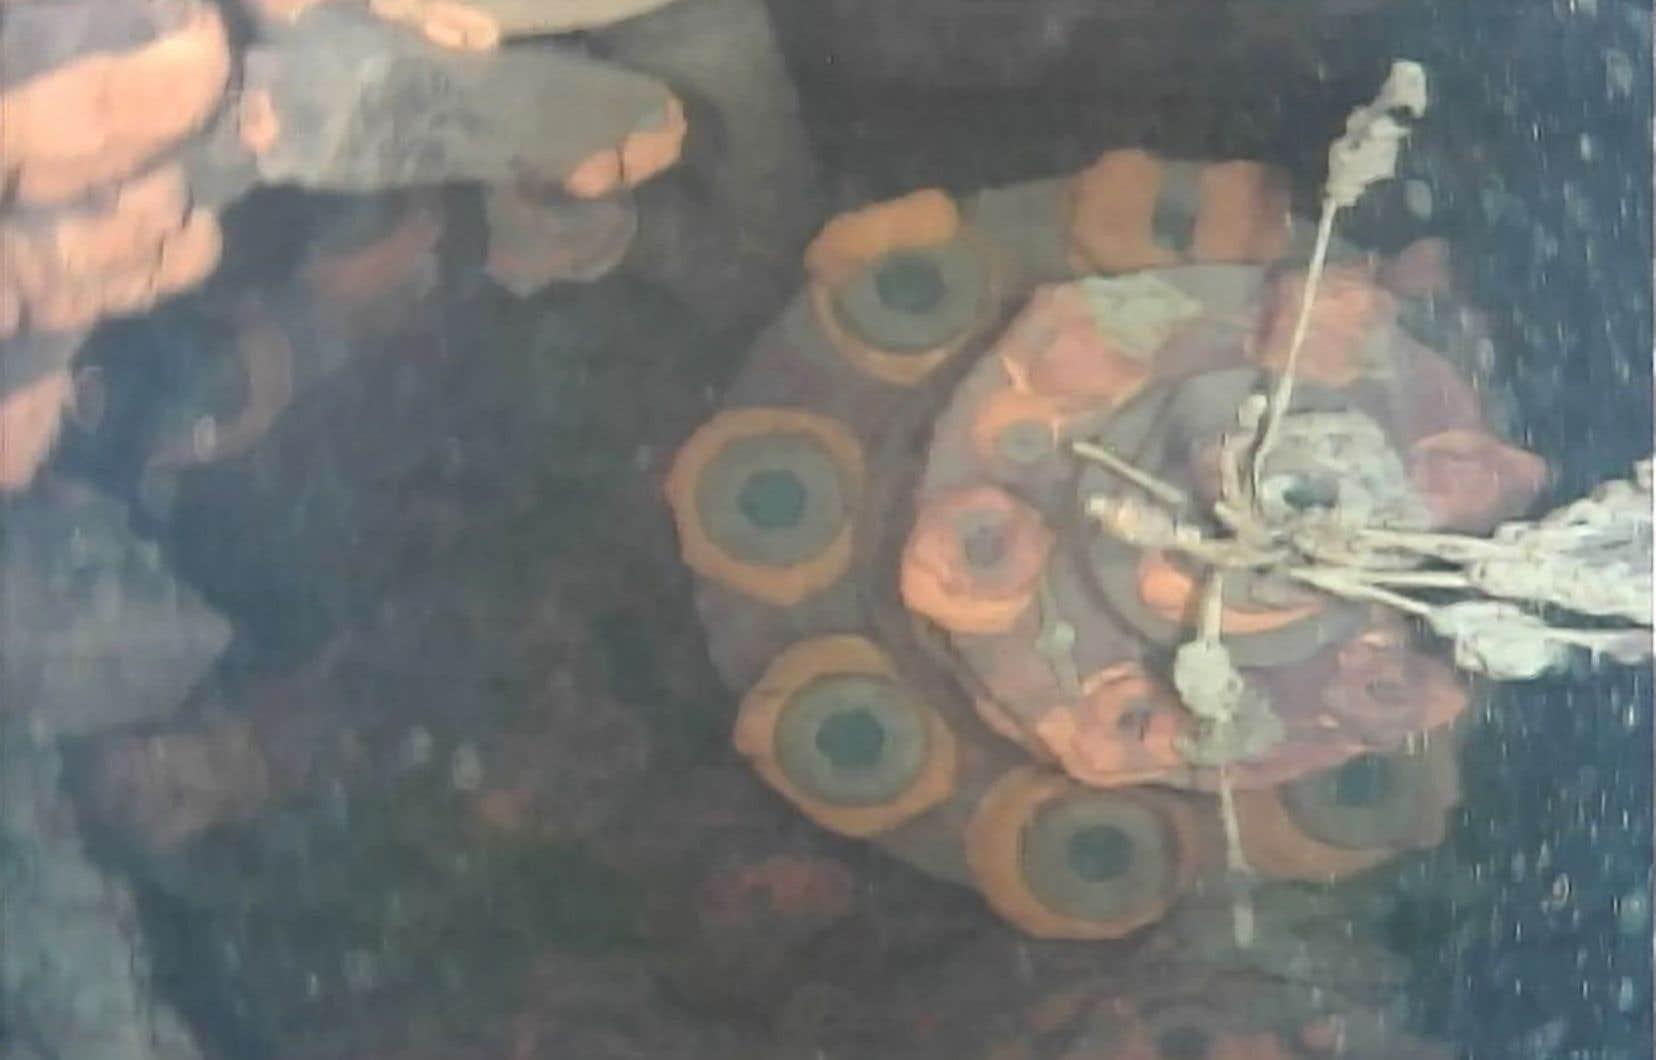 Capture d'écran prise à partir d'une vidéo filmée par le robot sous-marin et fournie par l'Institut international de recherche japonaise pour le déclassement nucléaire (IRID).